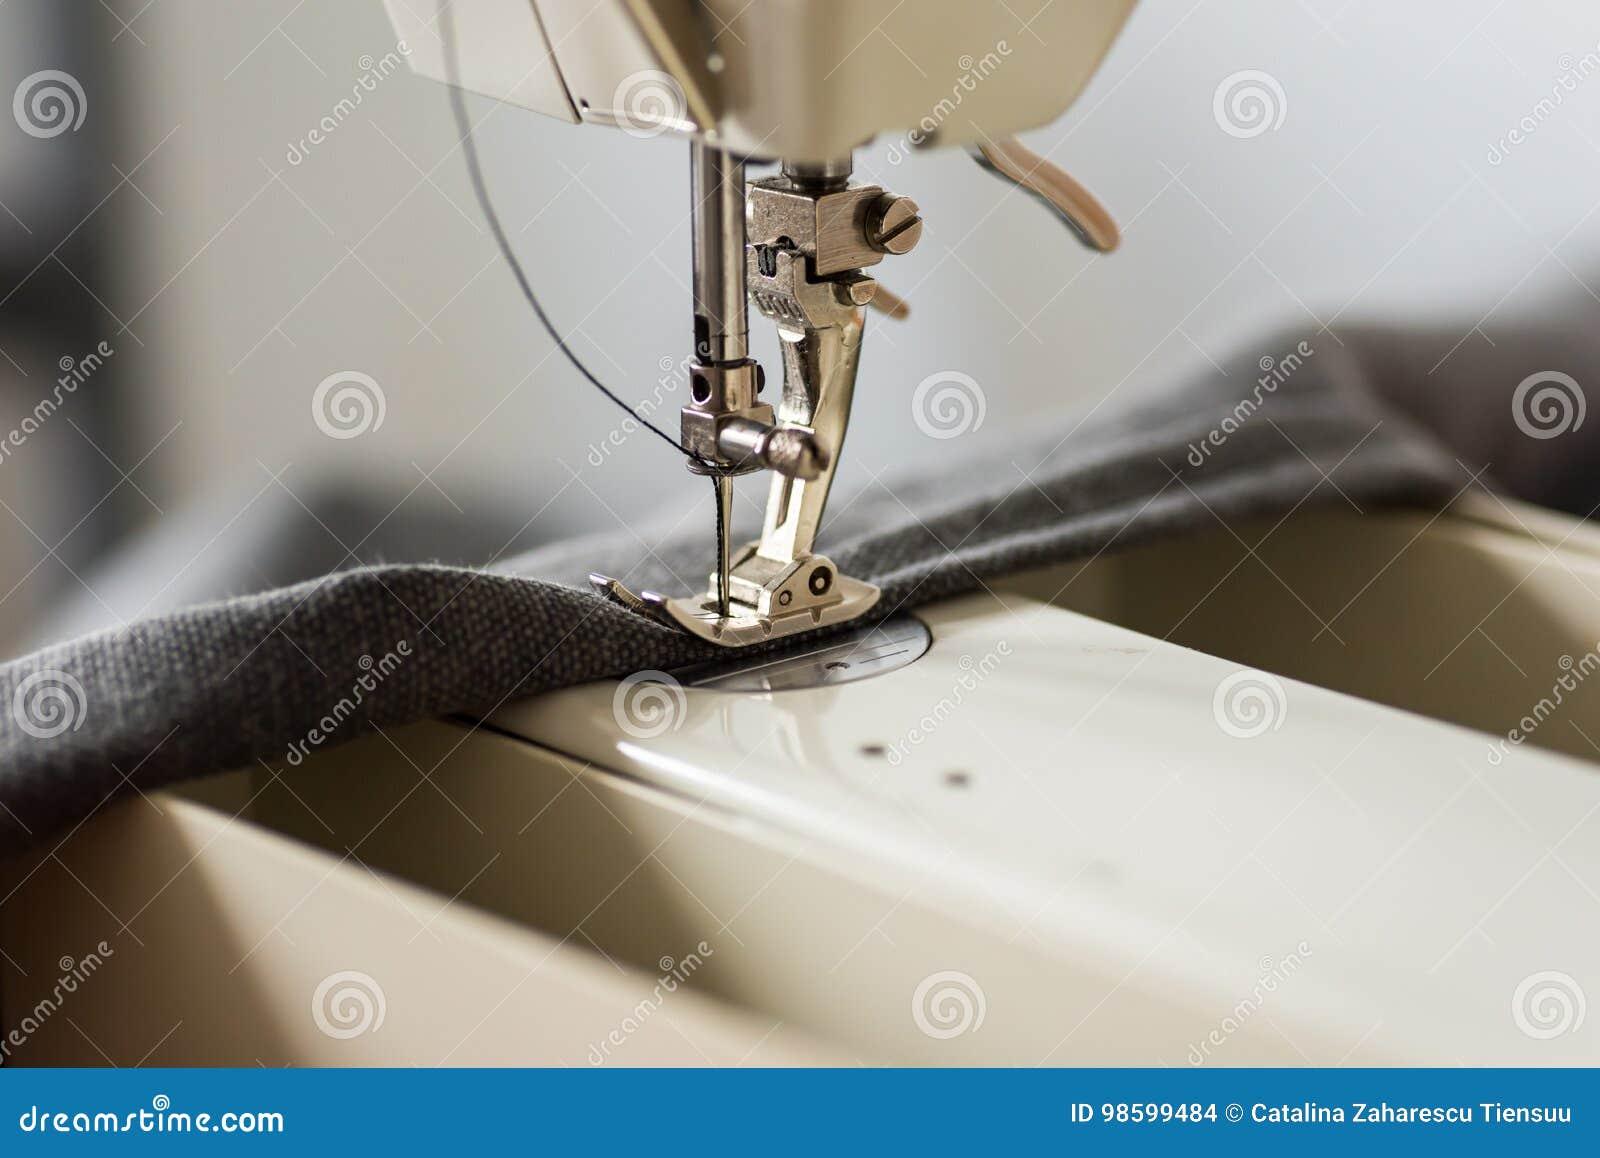 Pied et aiguille de machine à coudre